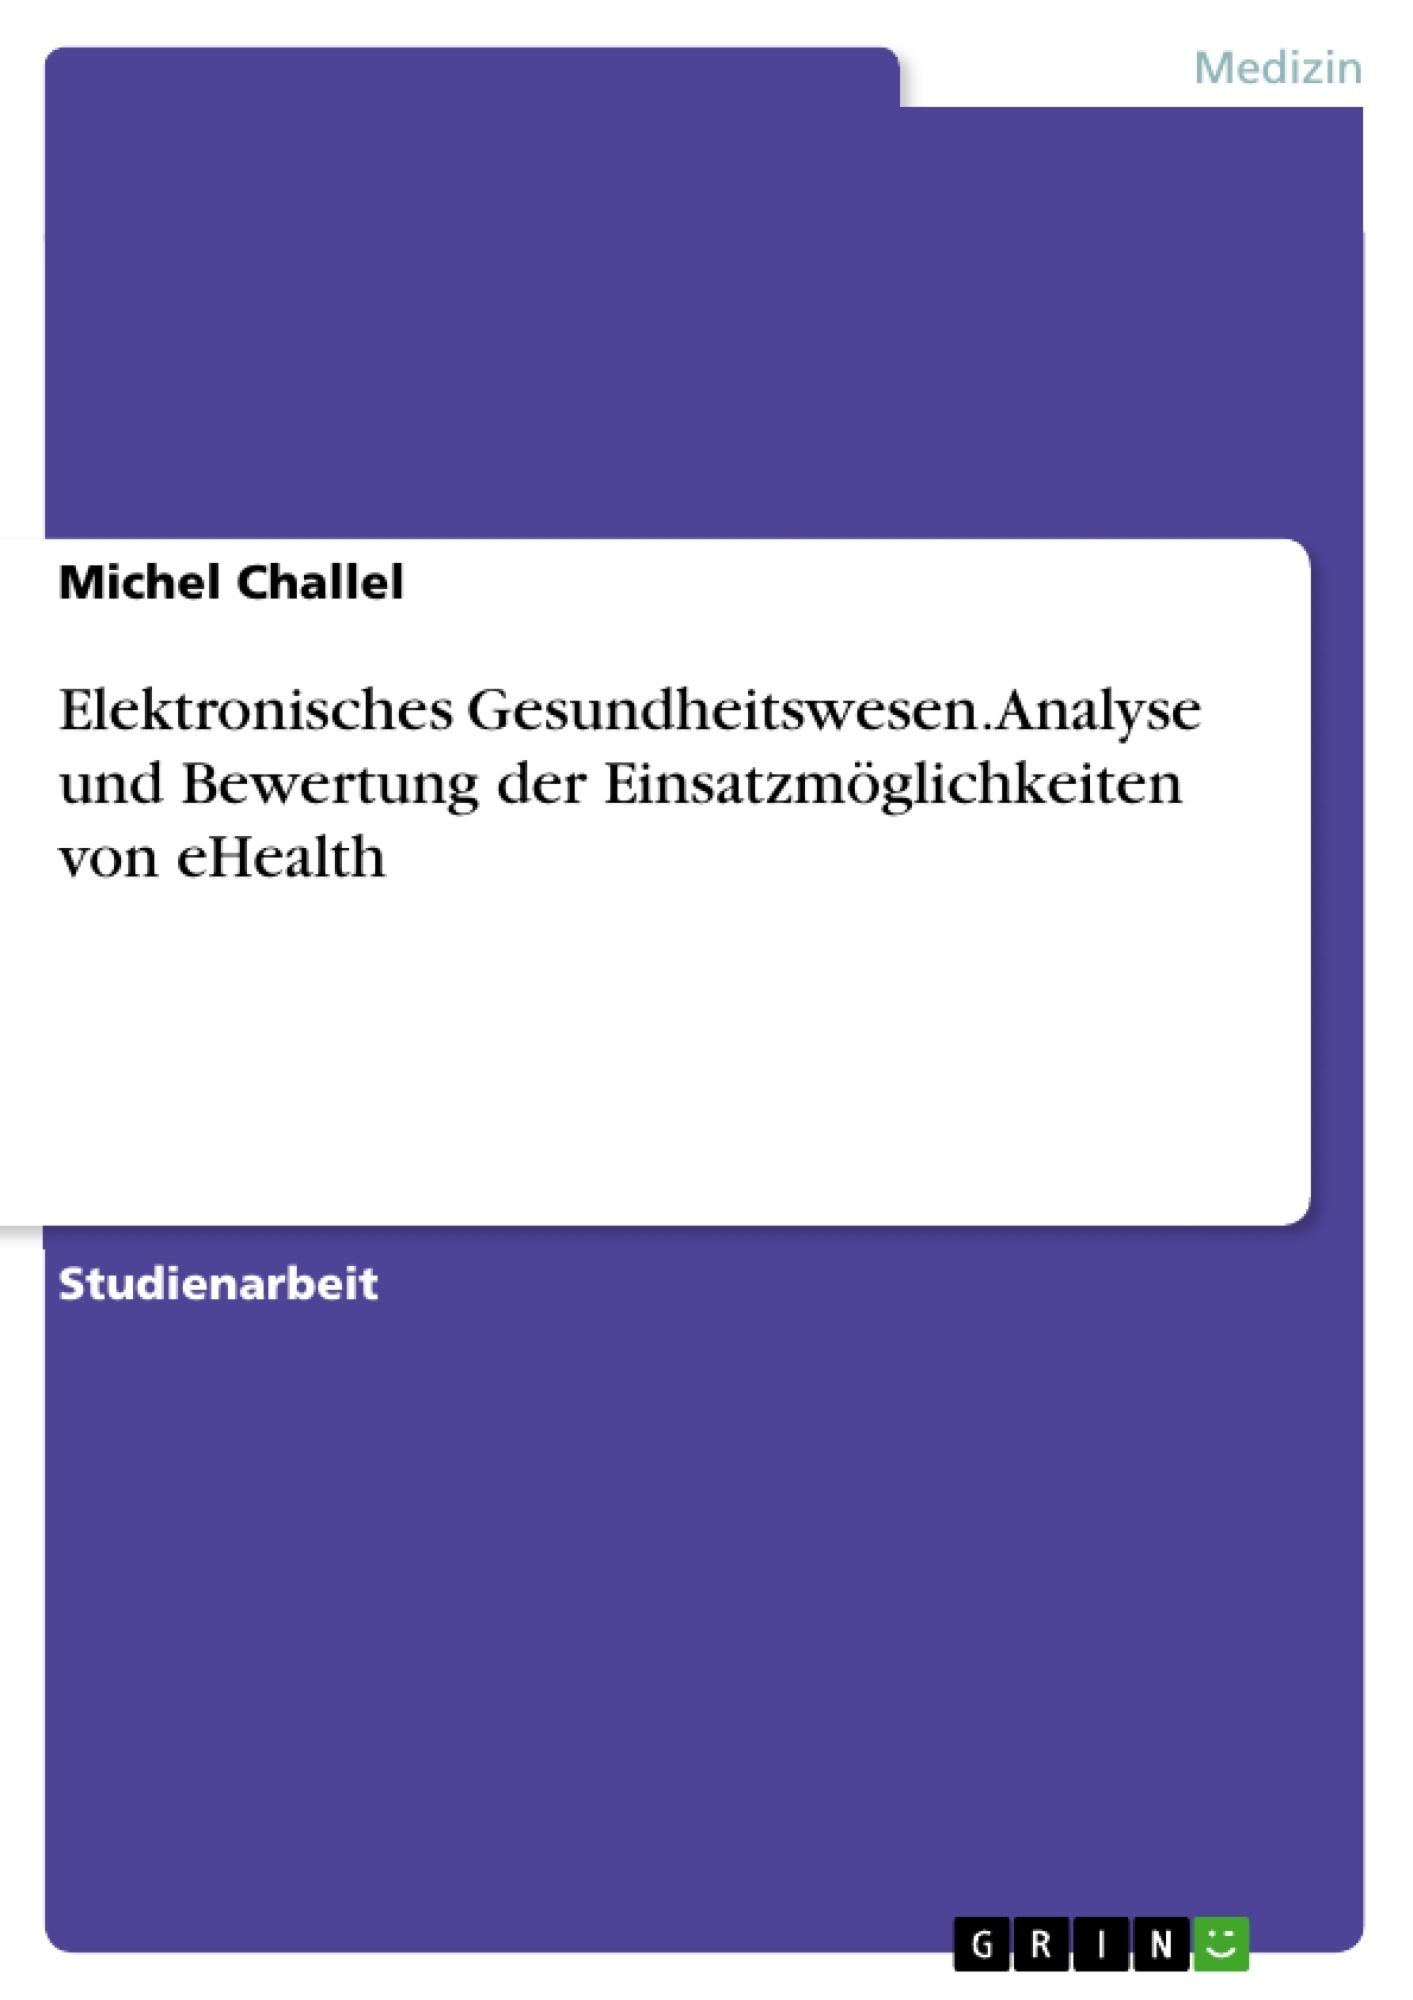 Titel: Elektronisches Gesundheitswesen. Analyse und Bewertung der Einsatzmöglichkeiten von eHealth